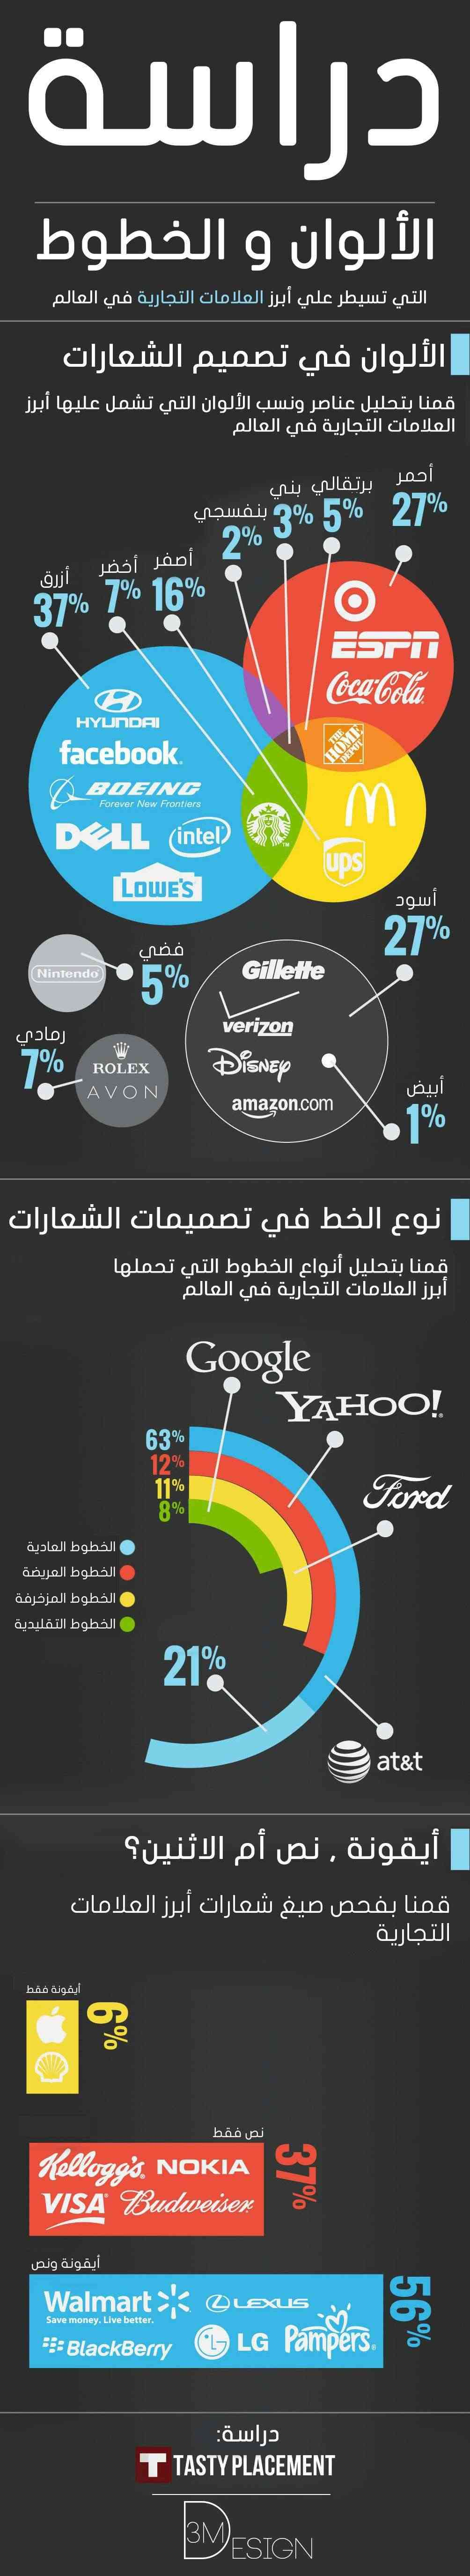 [انفوجرافيك] دراسة للألوان والخطوط التي تسيطر علي أبرز العلامات التجارية في العالم Fonts-10